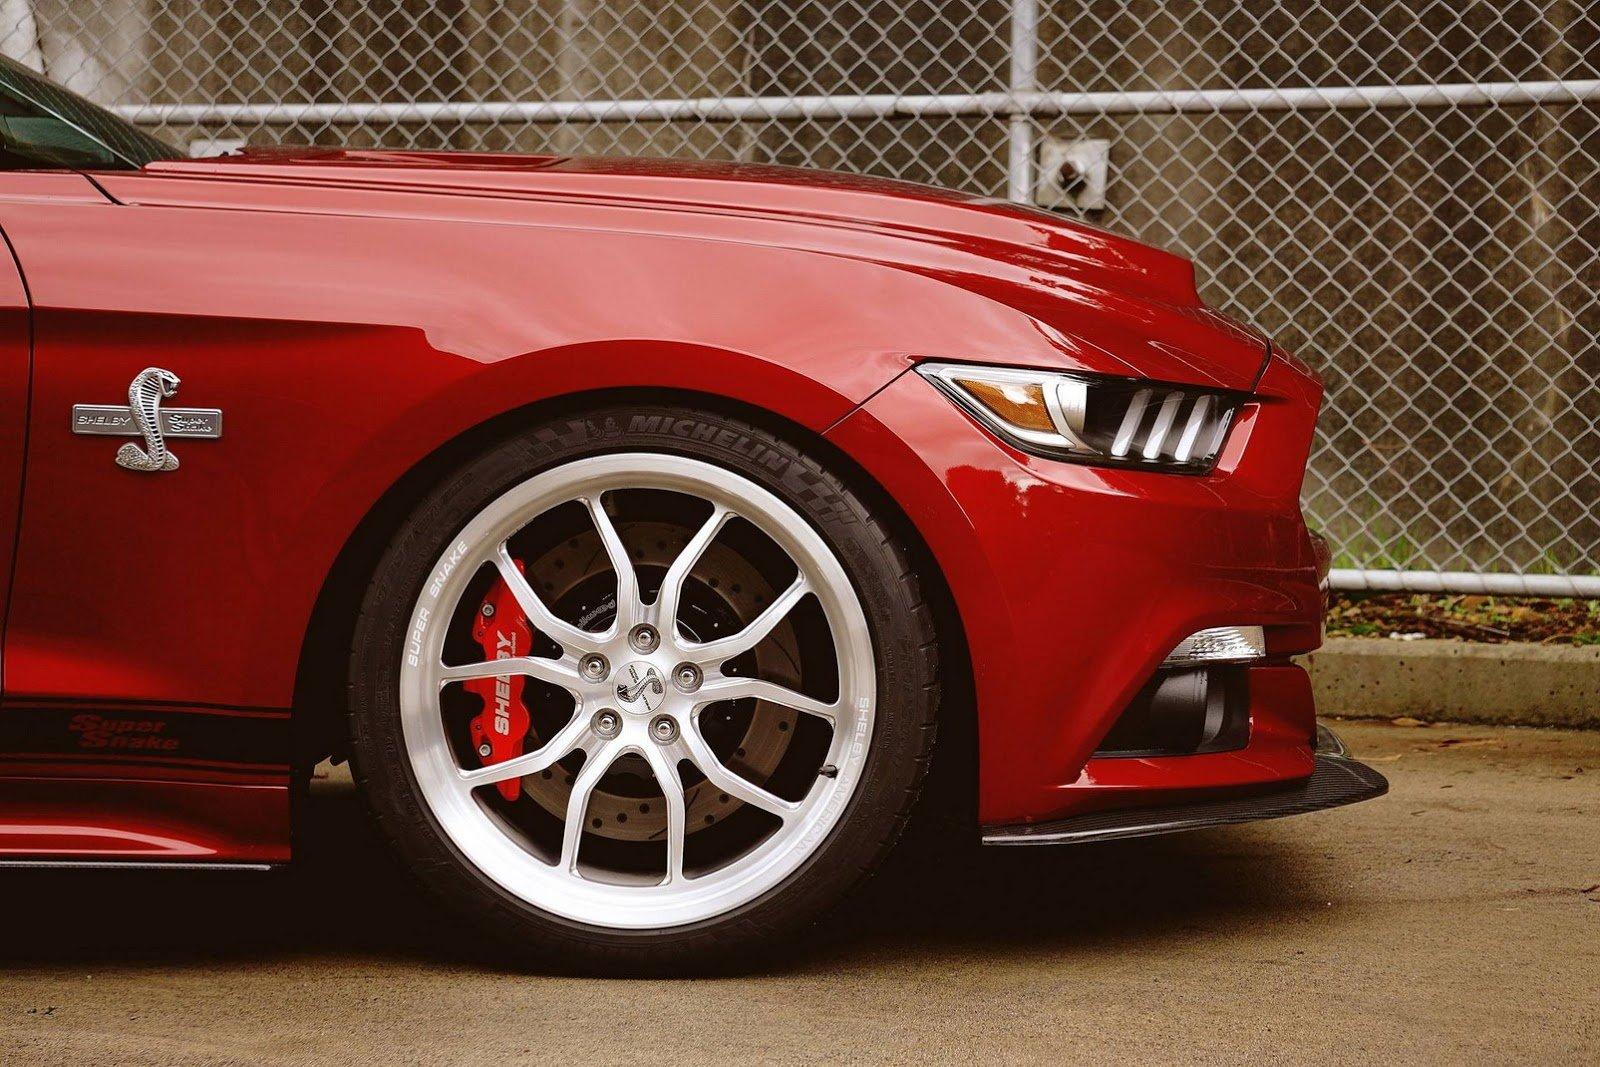 2018 Super Snake >> Ford Mustang Shelby Super Snake RHD in Australia Paul Tan - Image 493507